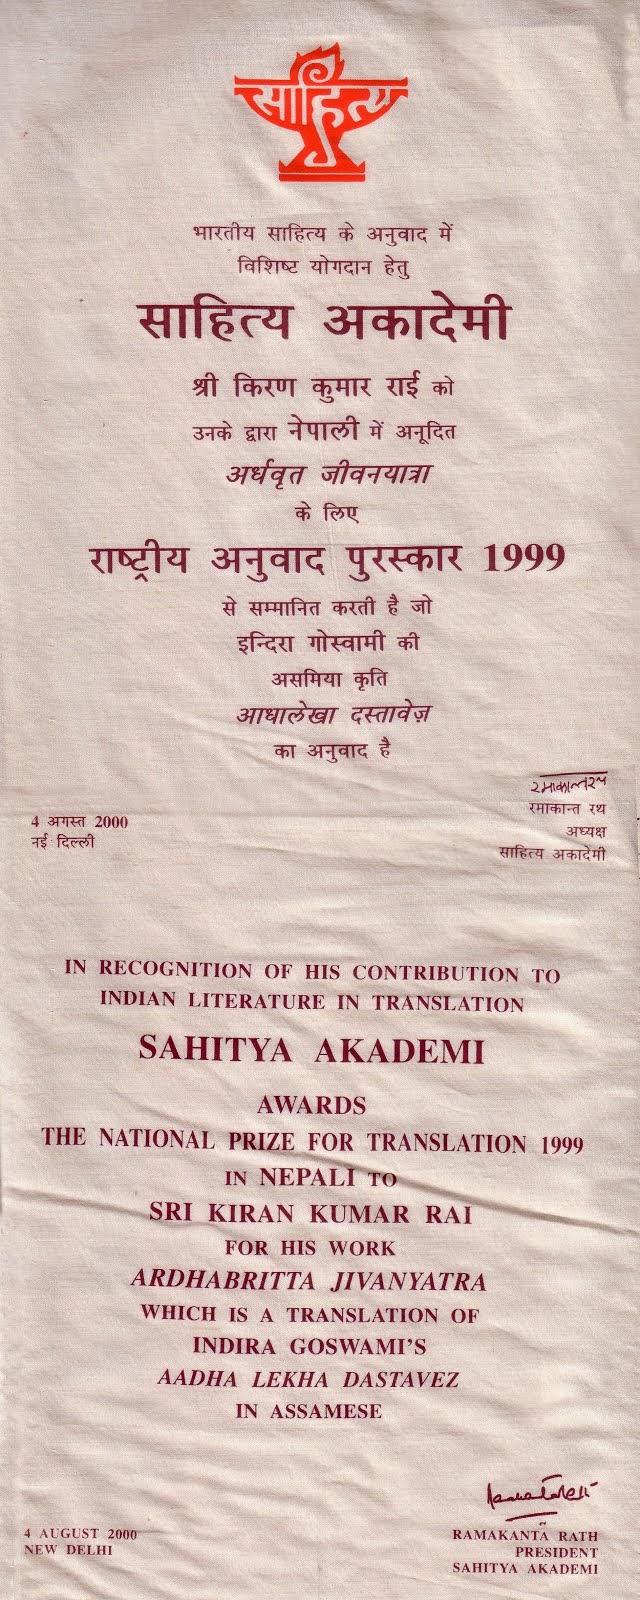 साहित्य अकादेमी अनुवाद पुरस्कार-१९९९